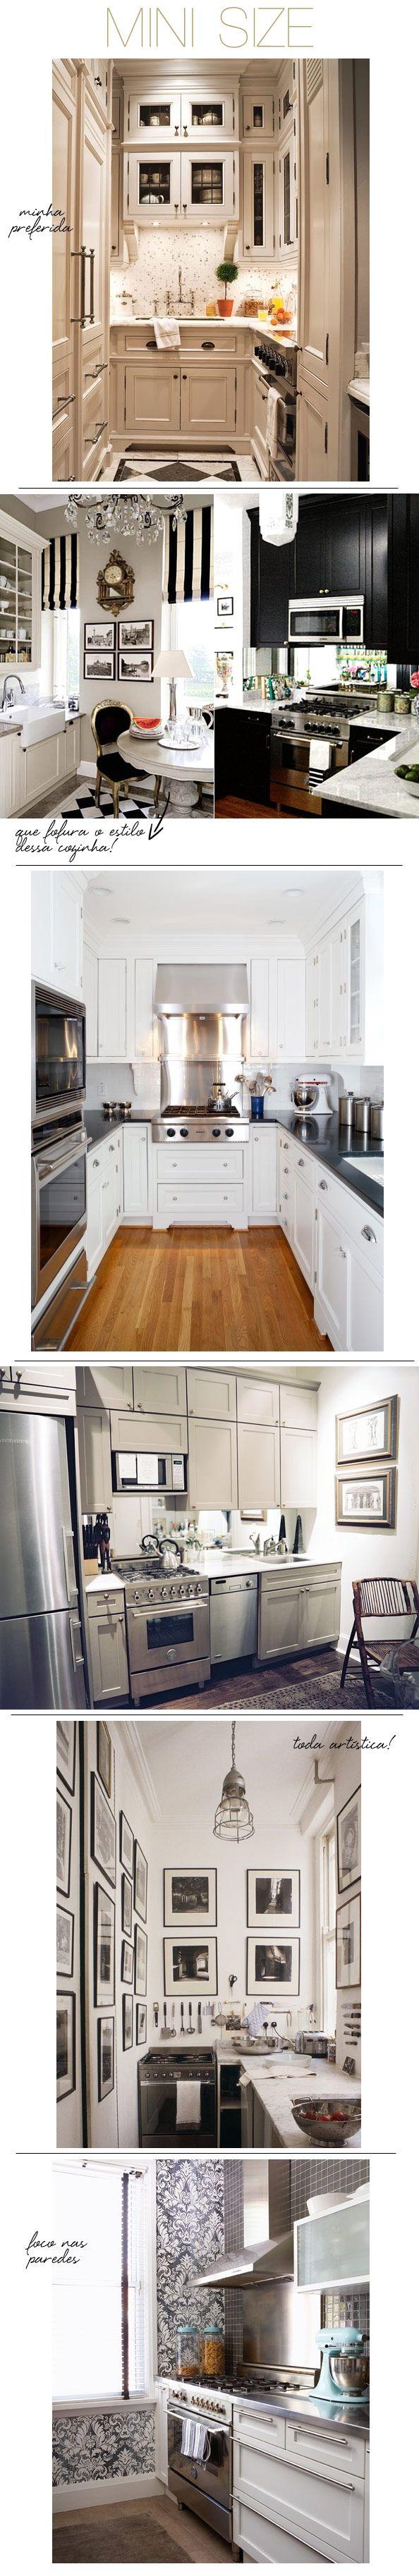 122 best images about quaint cozy condo design for Quaint kitchen designs